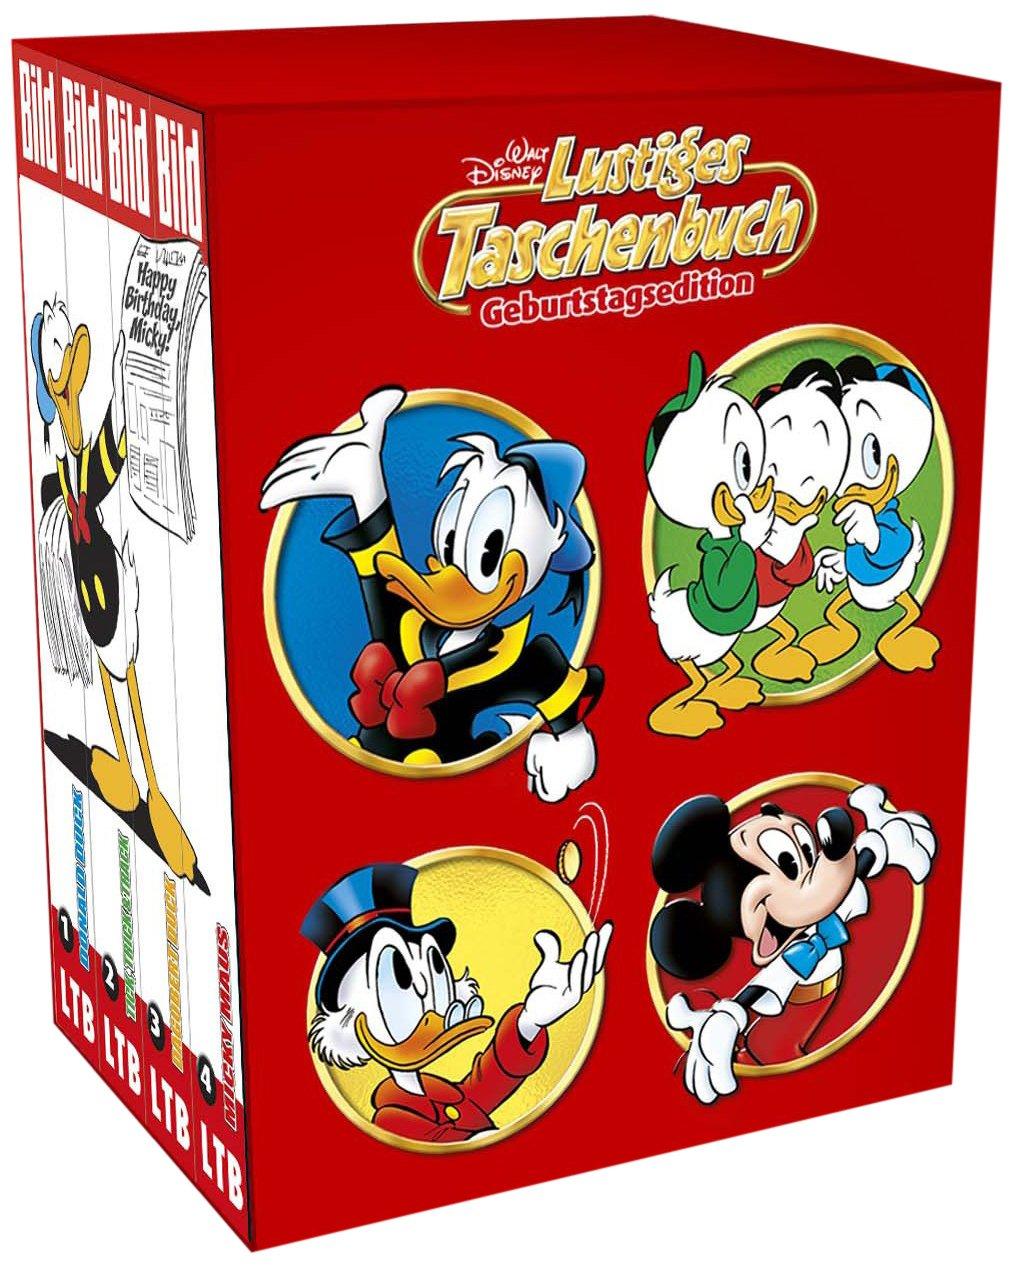 Lustiges Taschenbuch LTB Sonderedition Geburtstagsedition - 85 Jahre Micky Maus BILD Die besten Comics - Komplettset mit Band 1 + 2 + 3 + 4 von 2013